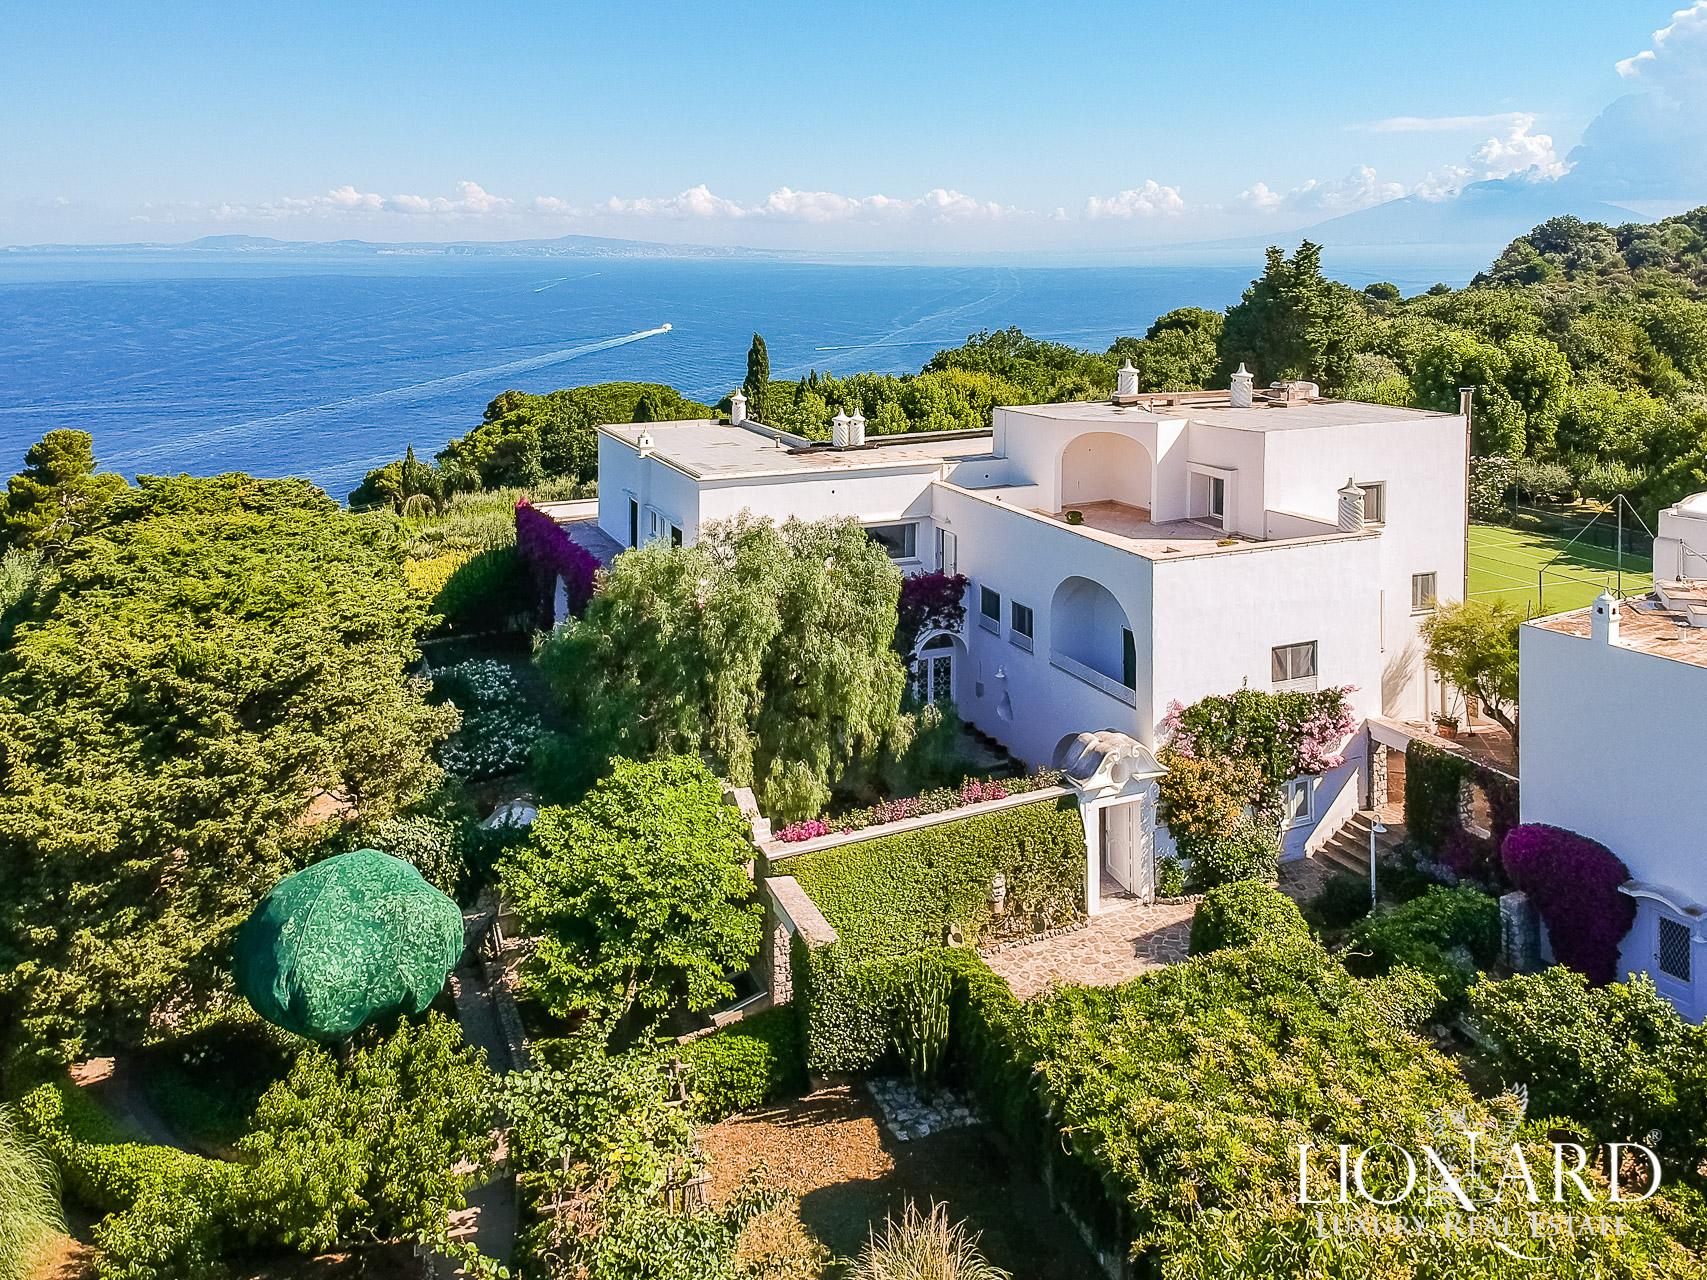 Villa nell'isola di Capri